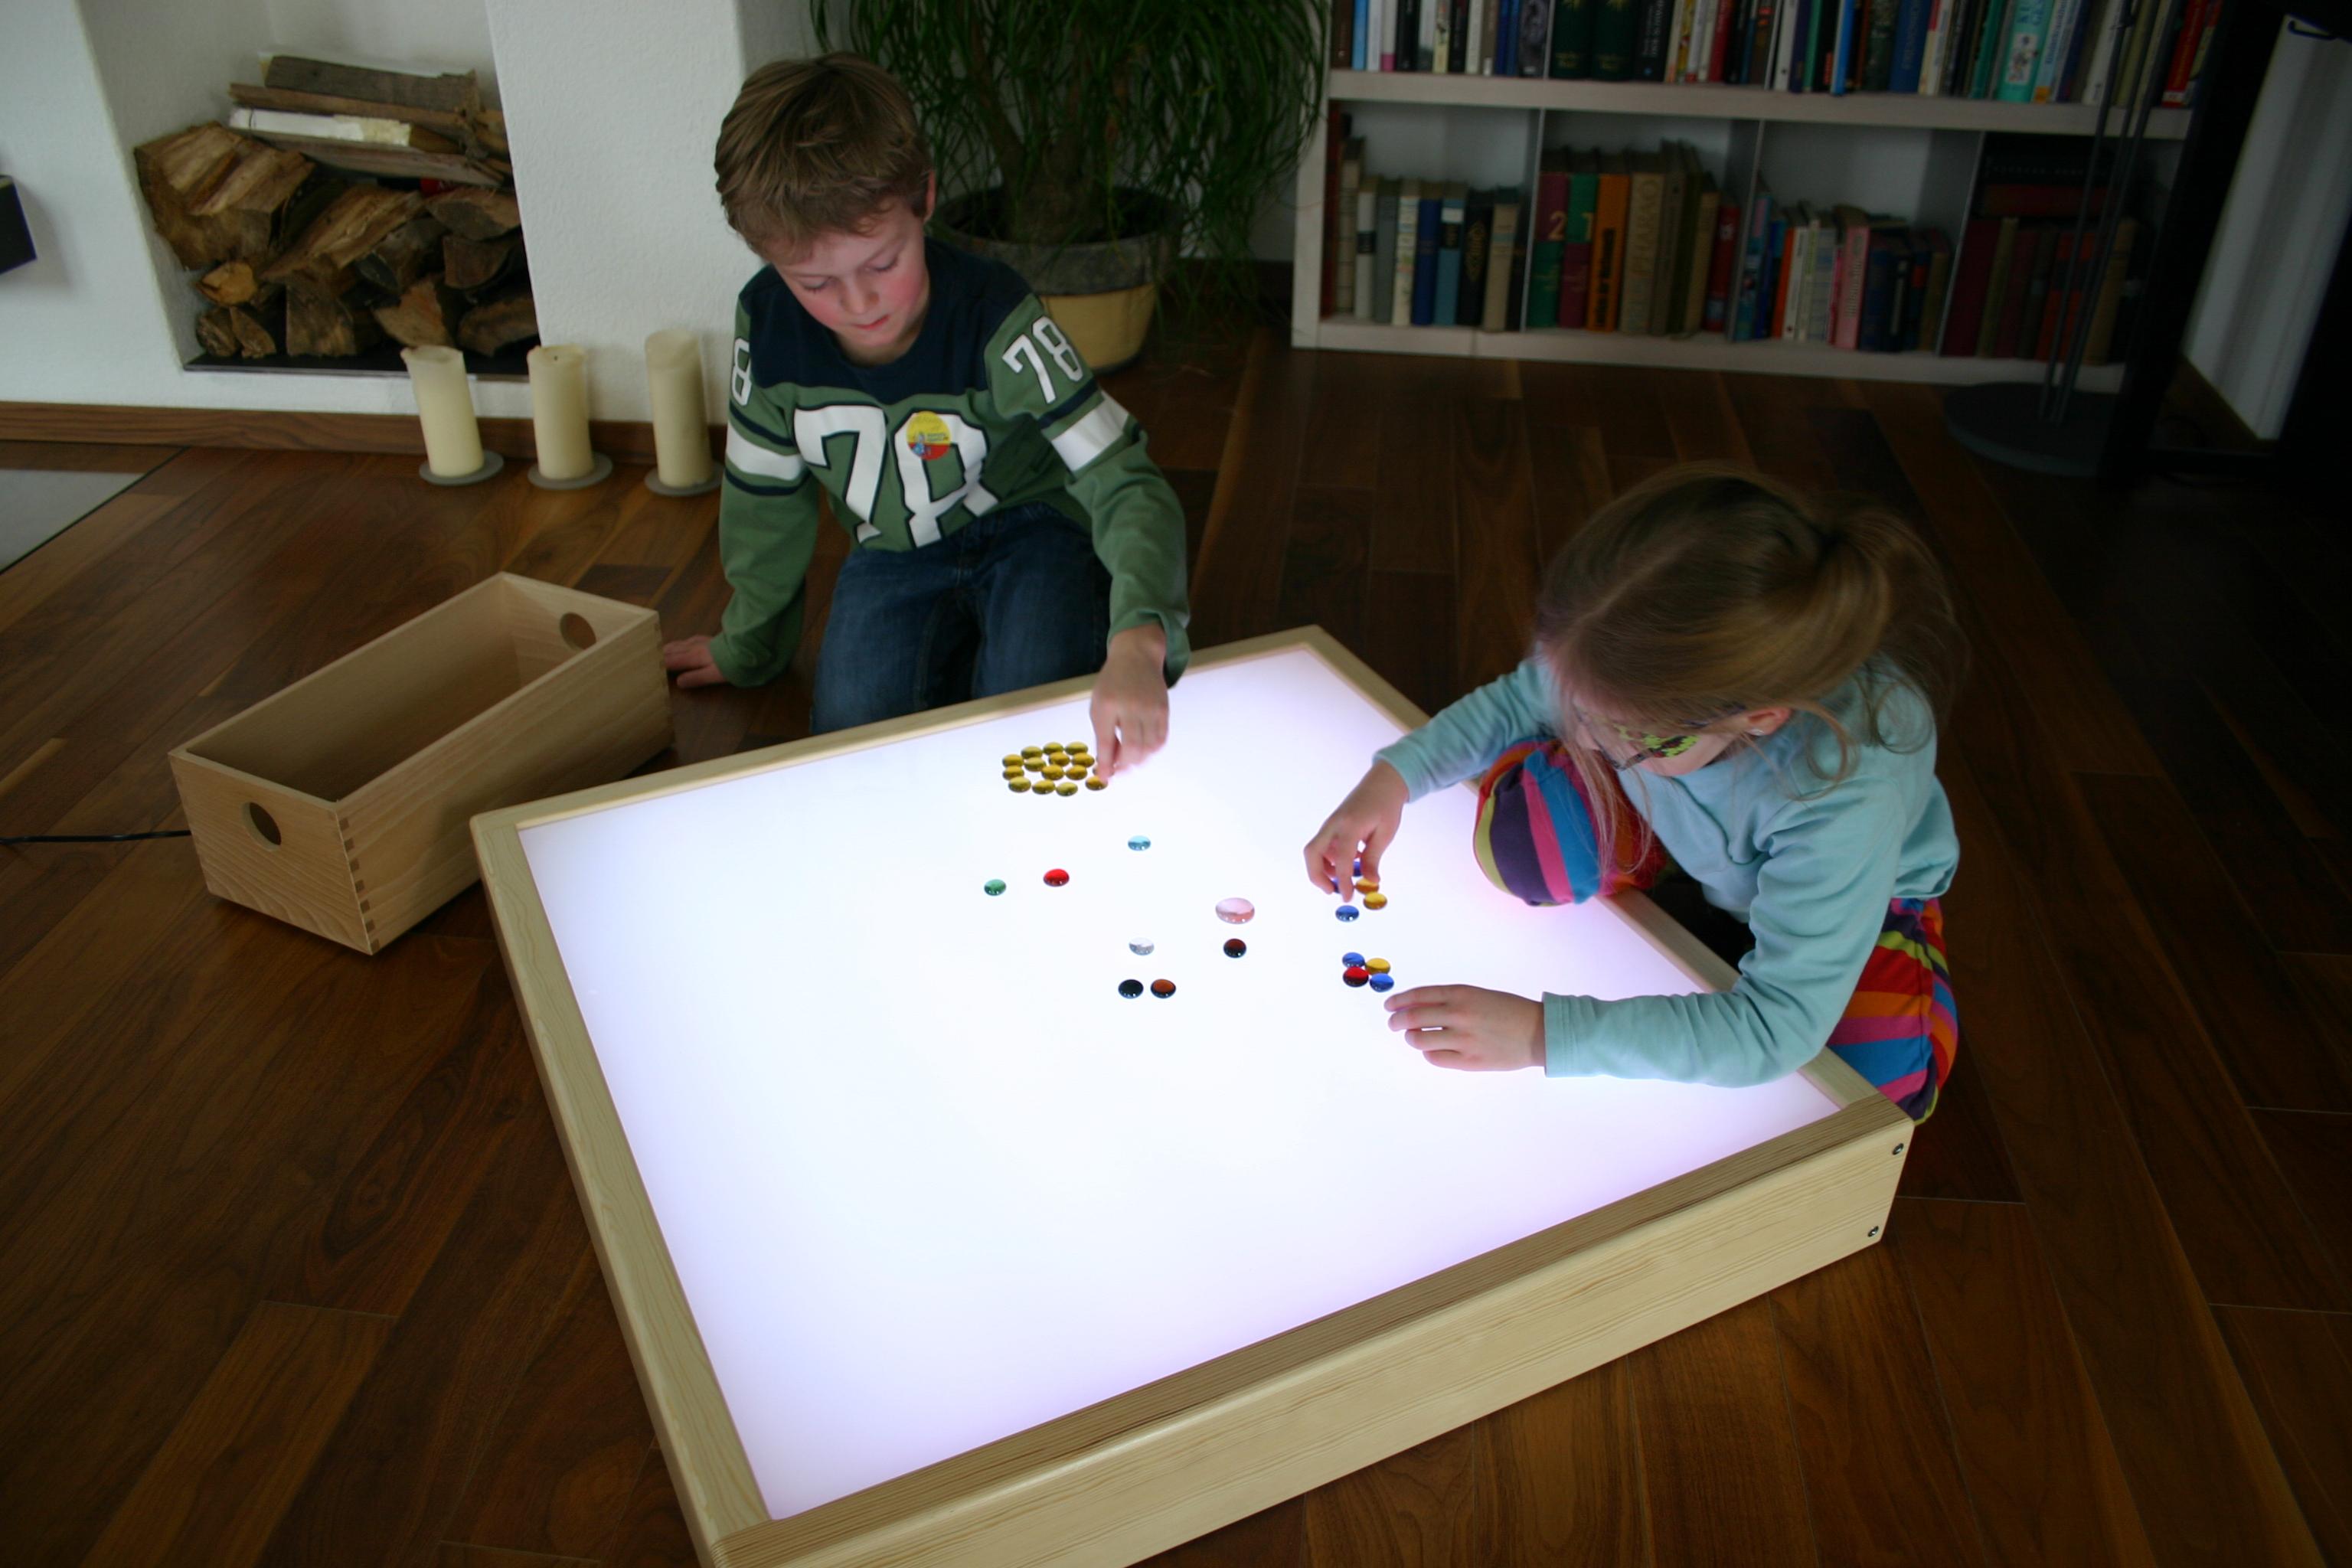 table beistelltisch new glory 70 cm kupfer rund couchtisch leuchttisch 80x80 licht und farbe. Black Bedroom Furniture Sets. Home Design Ideas